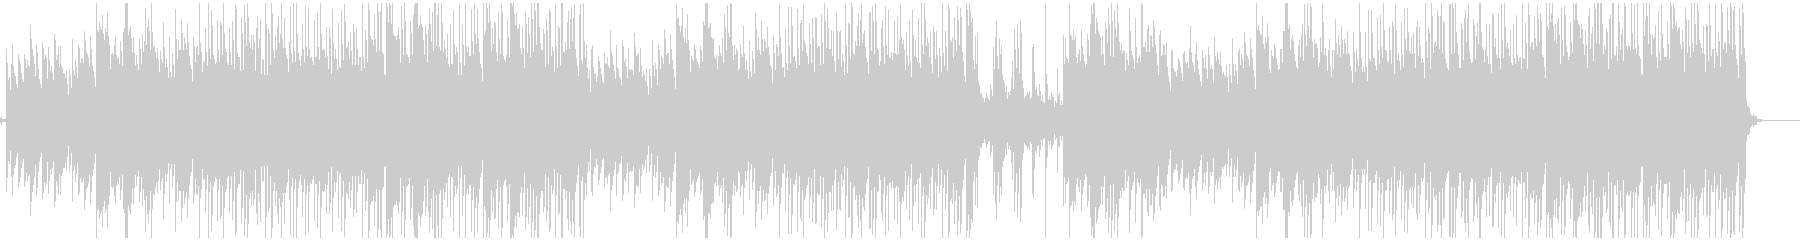 メロディックなピアノ旋律のLofi曲の未再生の波形